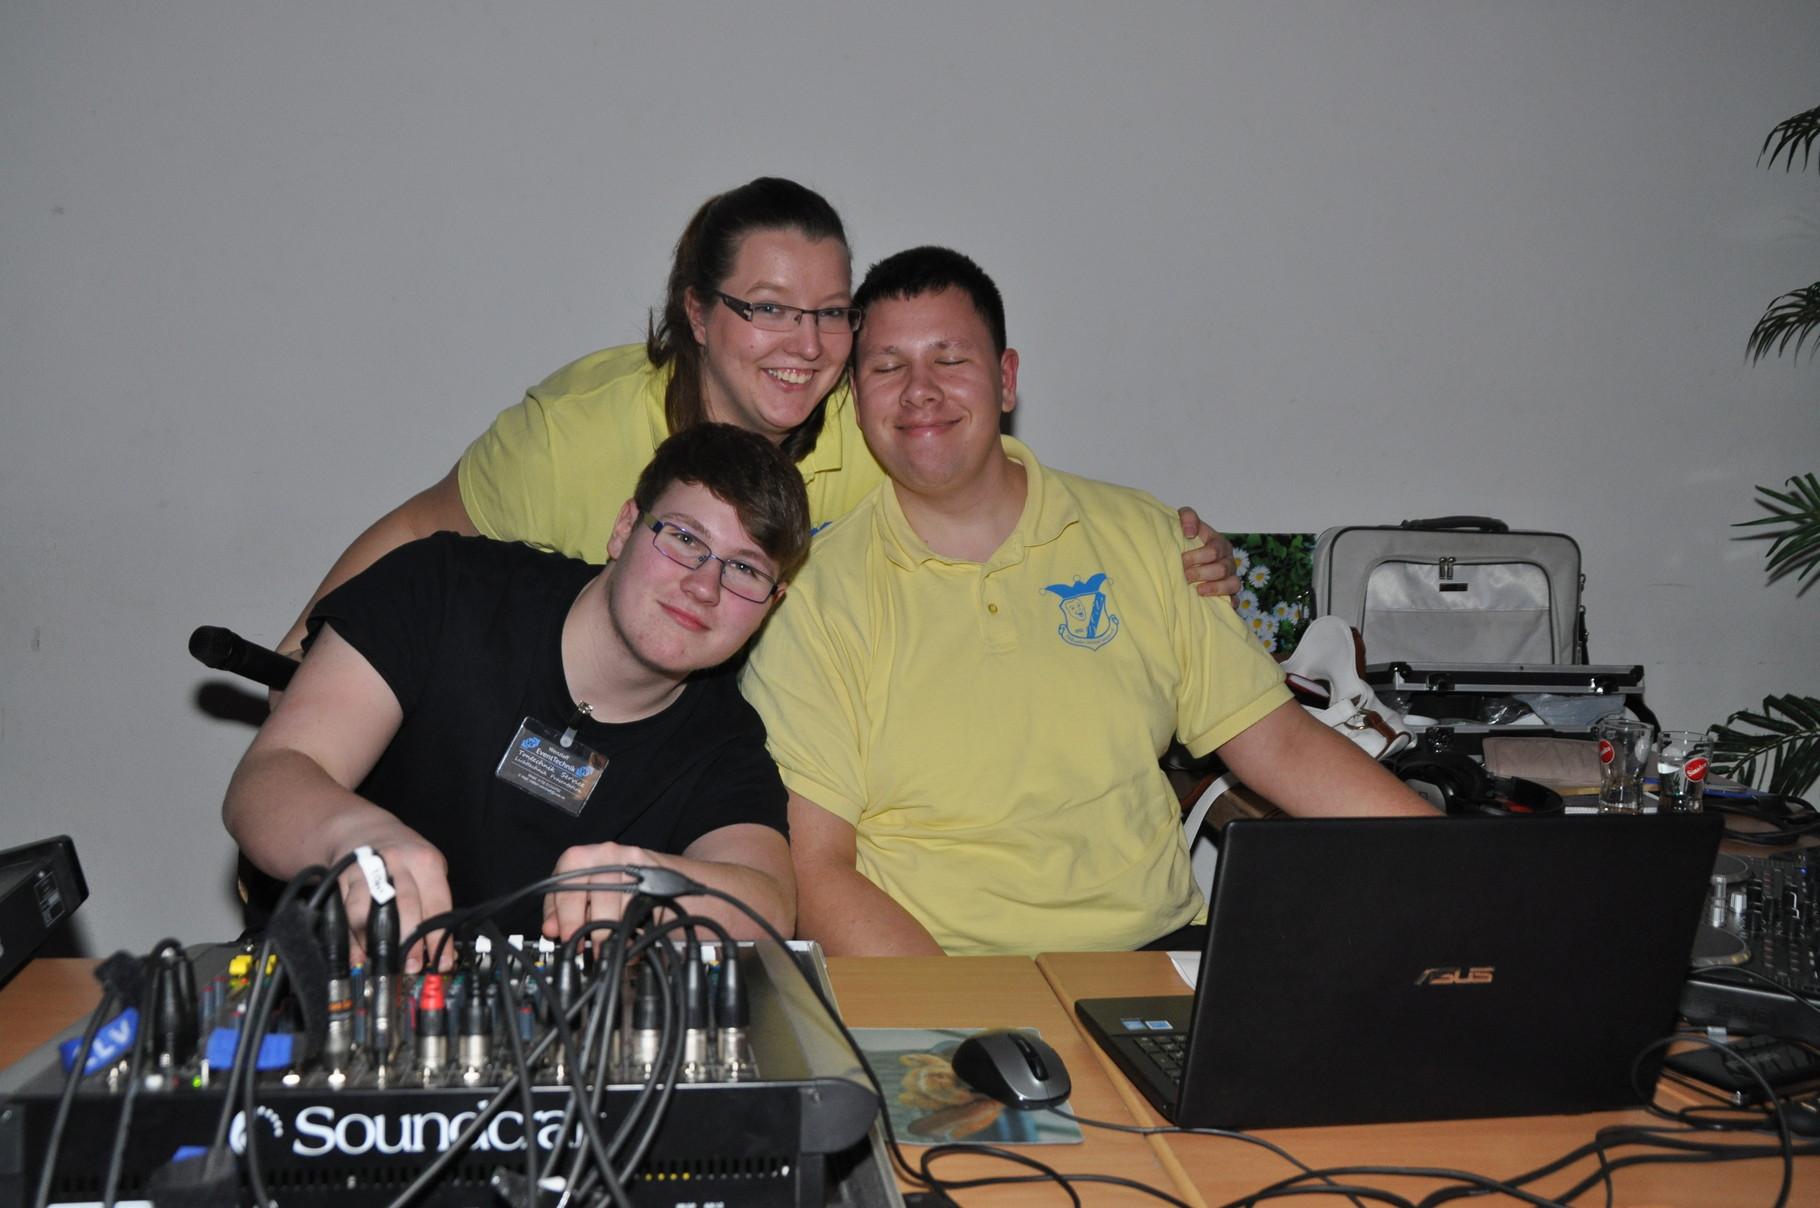 Unsere Technik-Crew mit Stefan und Nicole sorgen für guten Sound und gutes Licht.